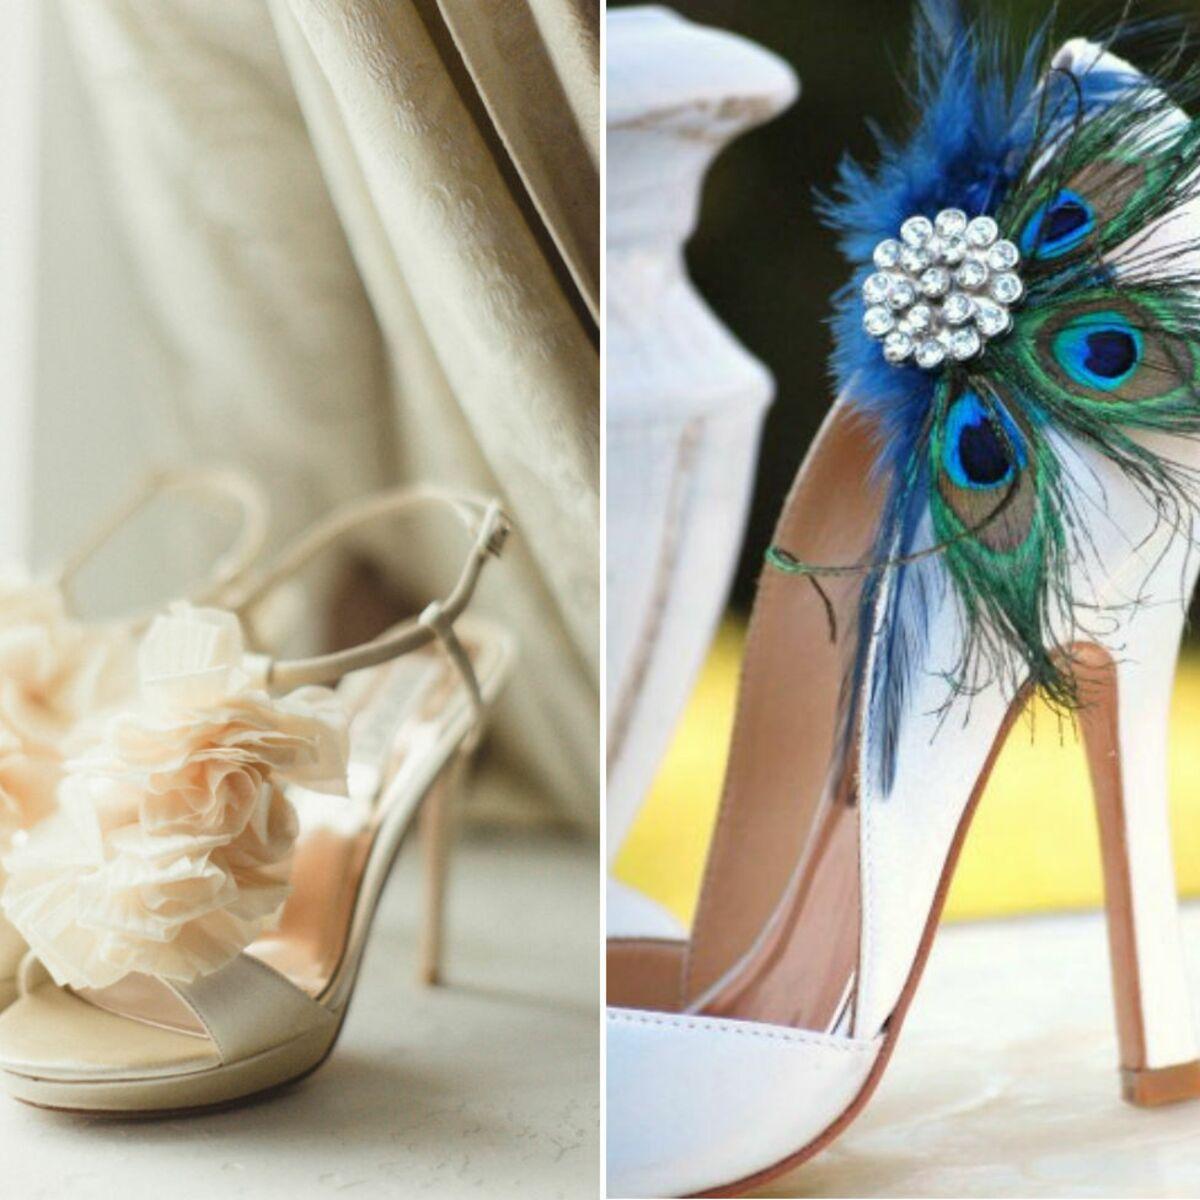 Comment Customiser Une Boite A Chaussure 8 idées pour customiser ses chaussures de mariage : femme